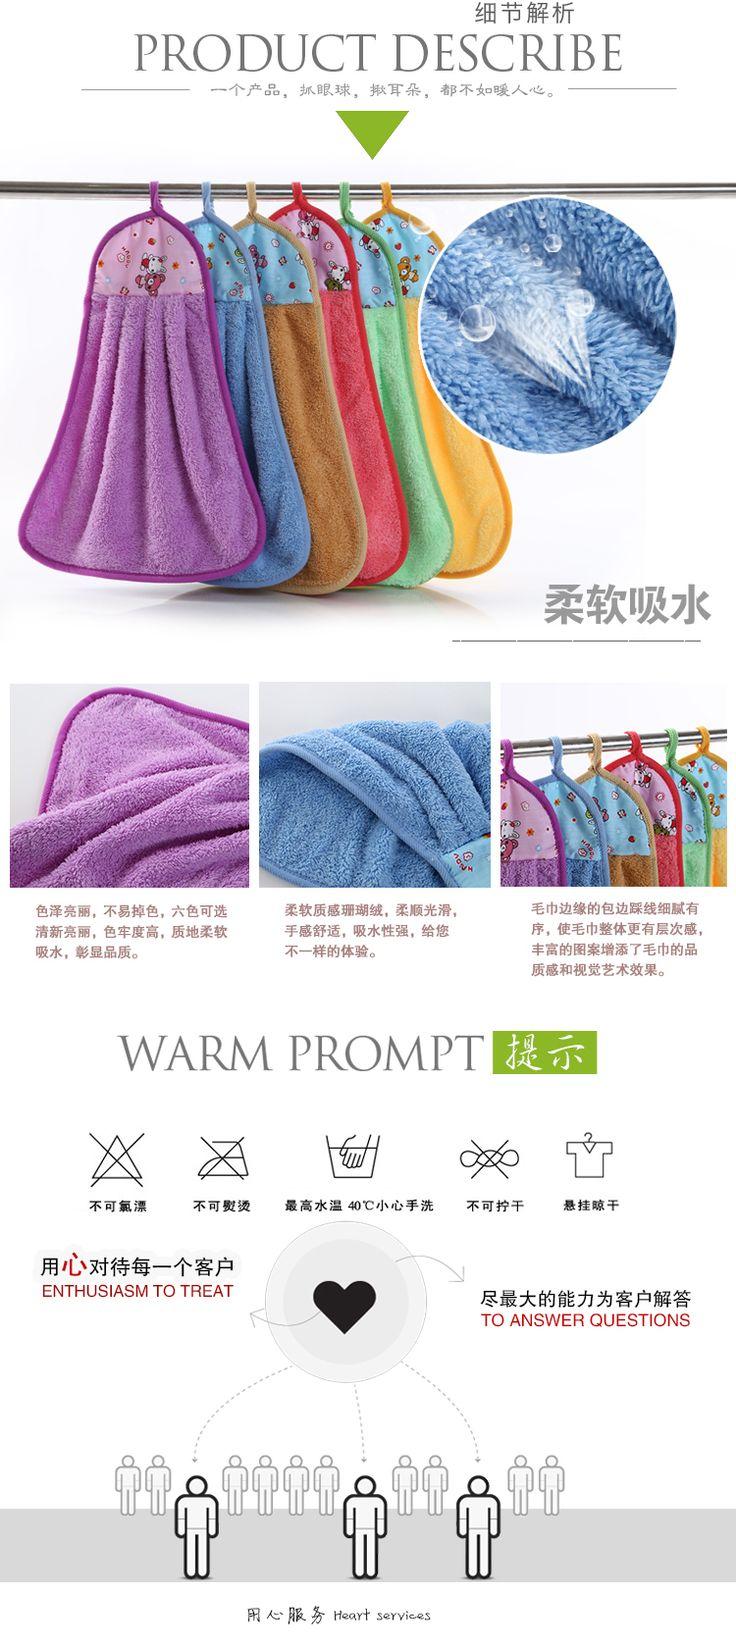 Взрослые Дети сверхабсорбирующий полотенце висит полотенце висит корейских творческих кухня полотенца для рук протирать полотенцем оптом - Taobao